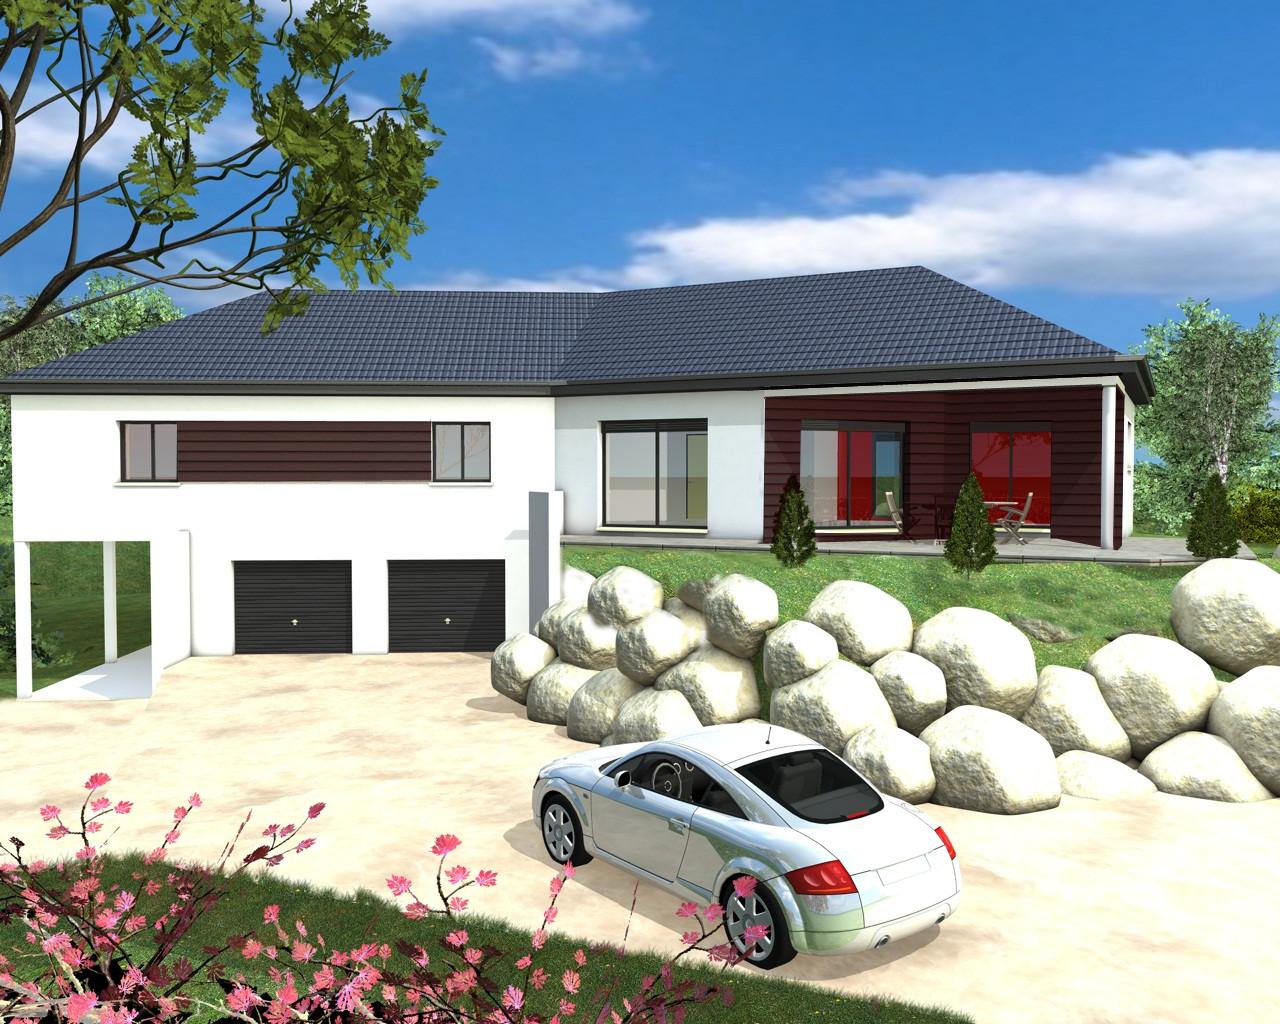 maison plain pied ou sous sol. Black Bedroom Furniture Sets. Home Design Ideas